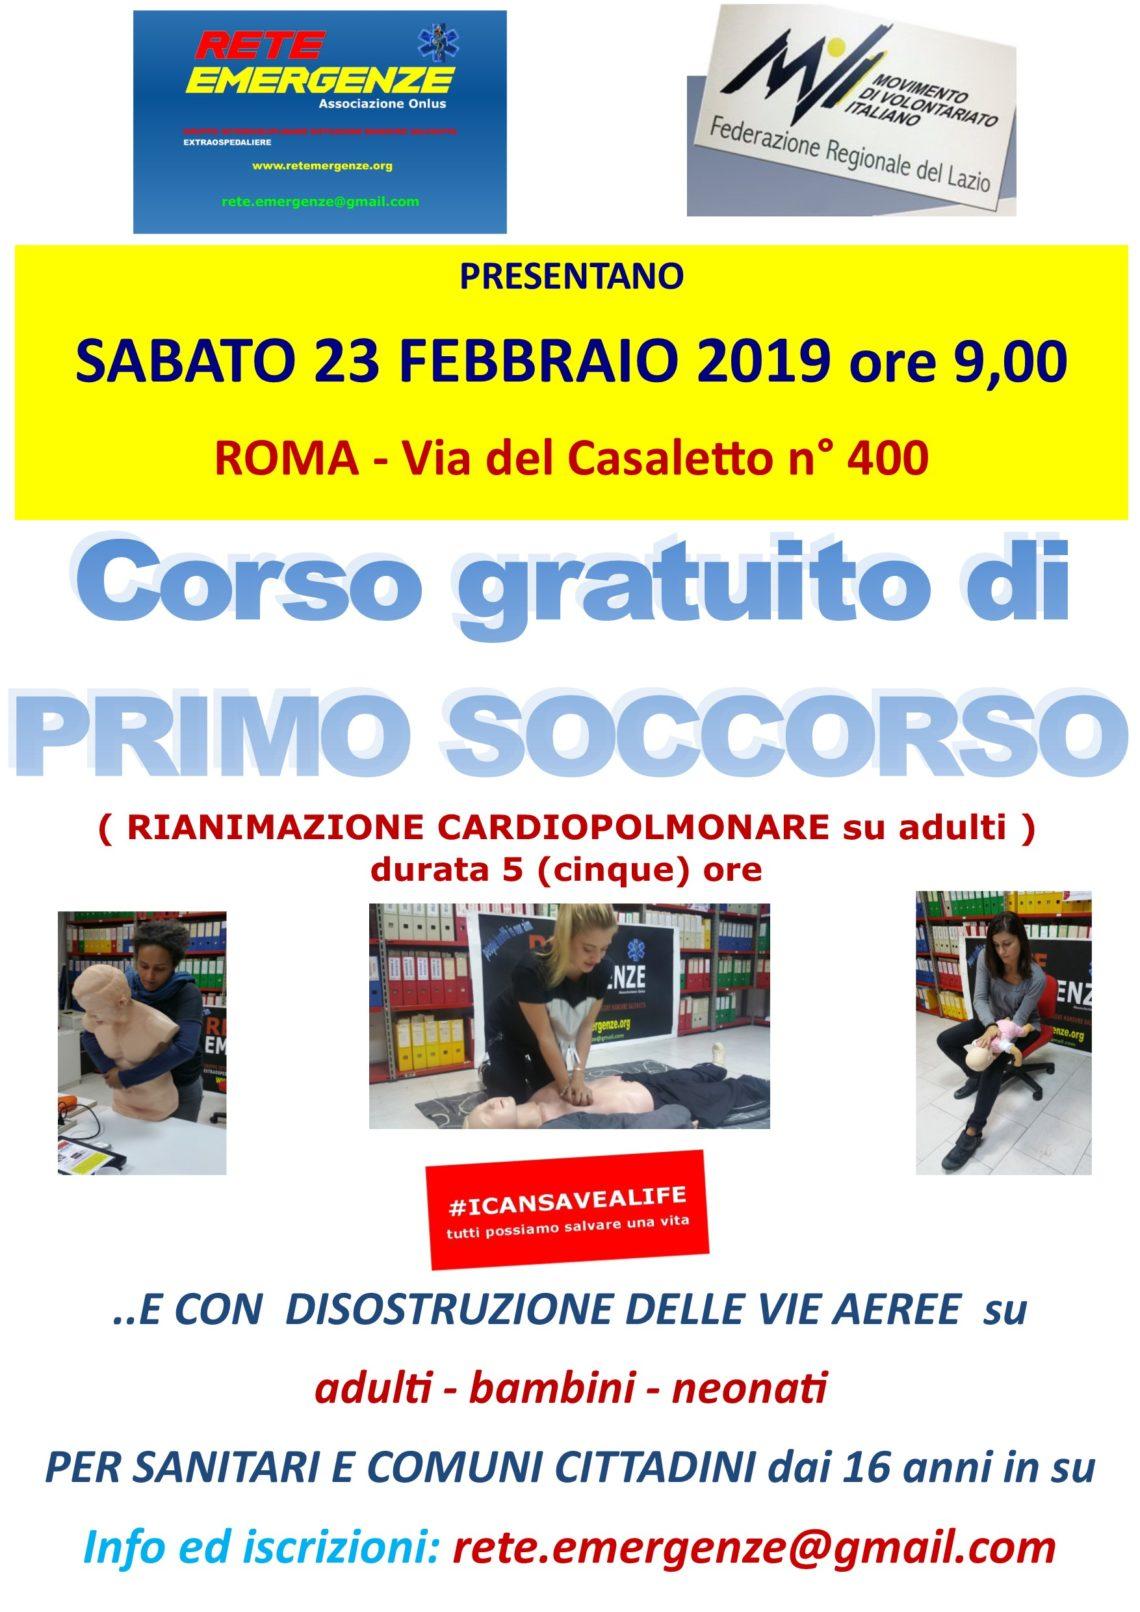 SABATO 23 FEBBRAIO 2019 a Roma Corso GRATUITO di Primo Soccorso, (Rianimazione cardiopolmonare su adulti)